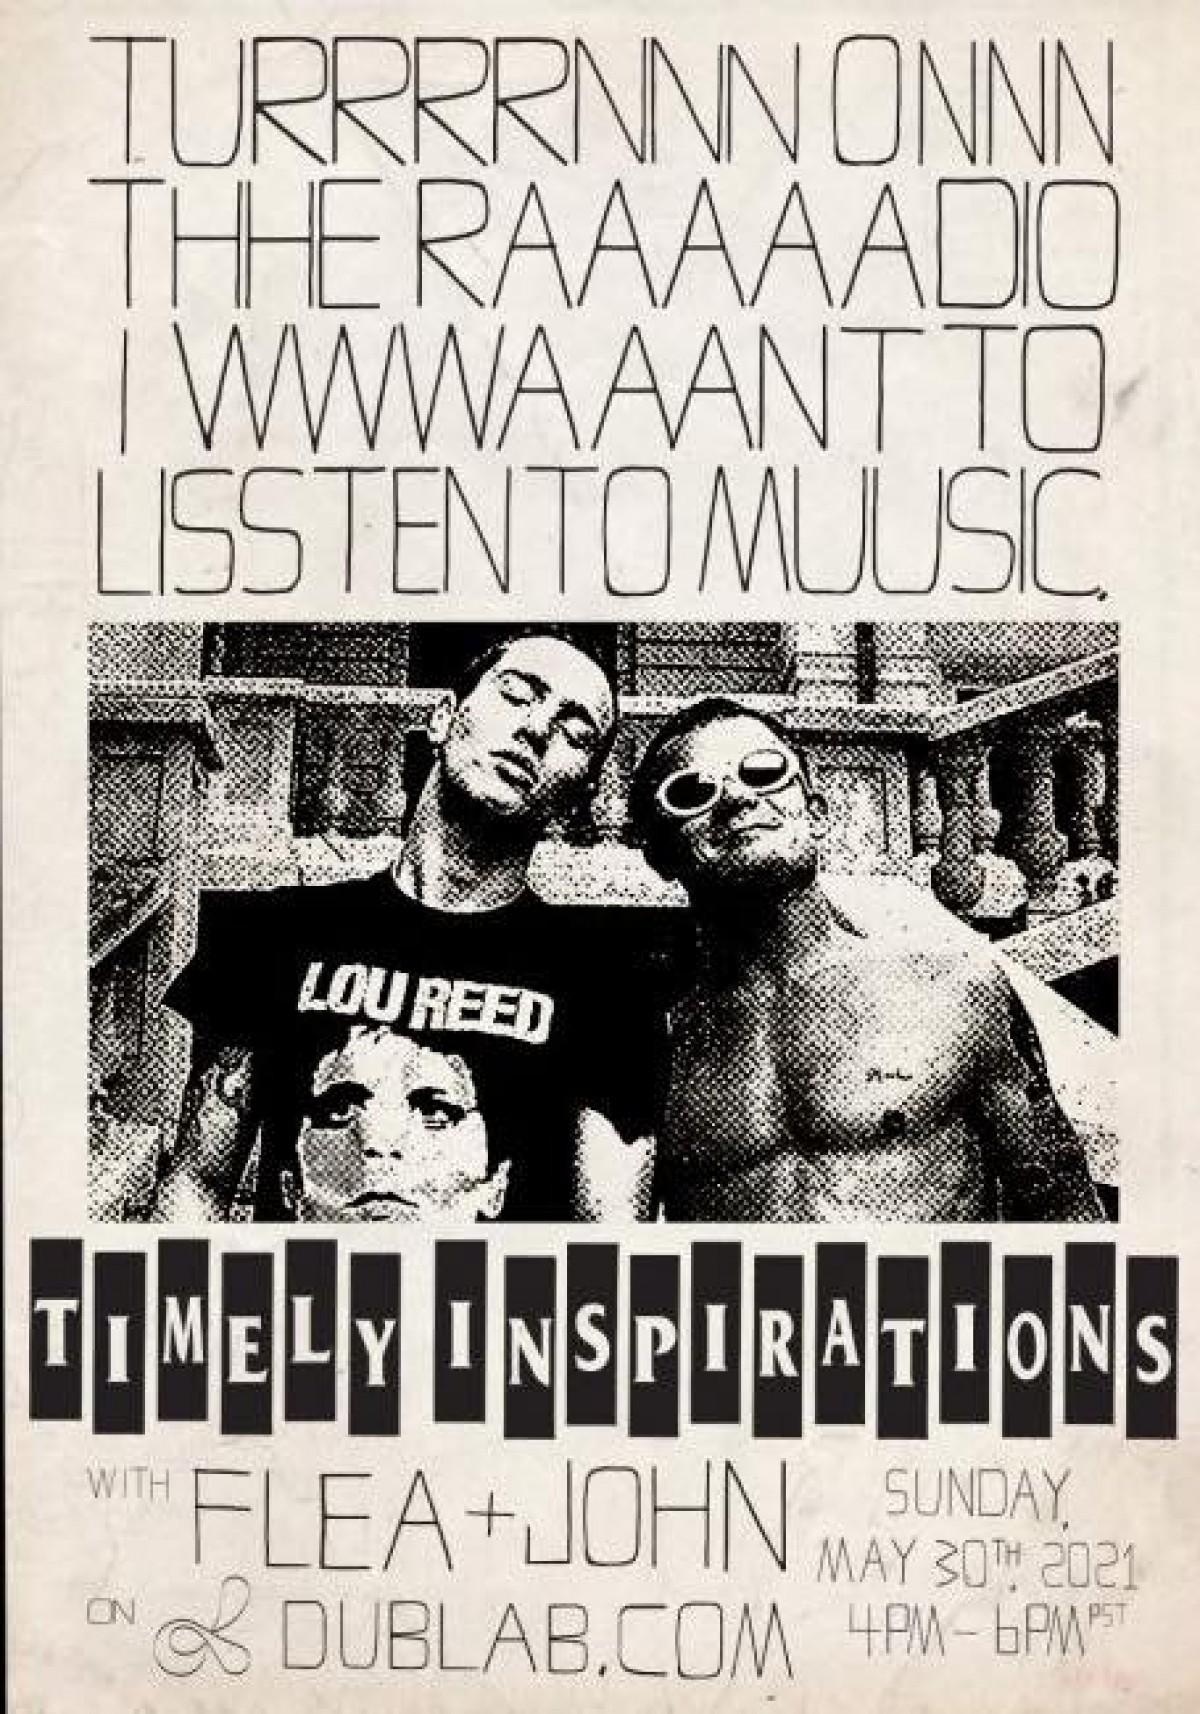 Flea & John de retour sur dublab